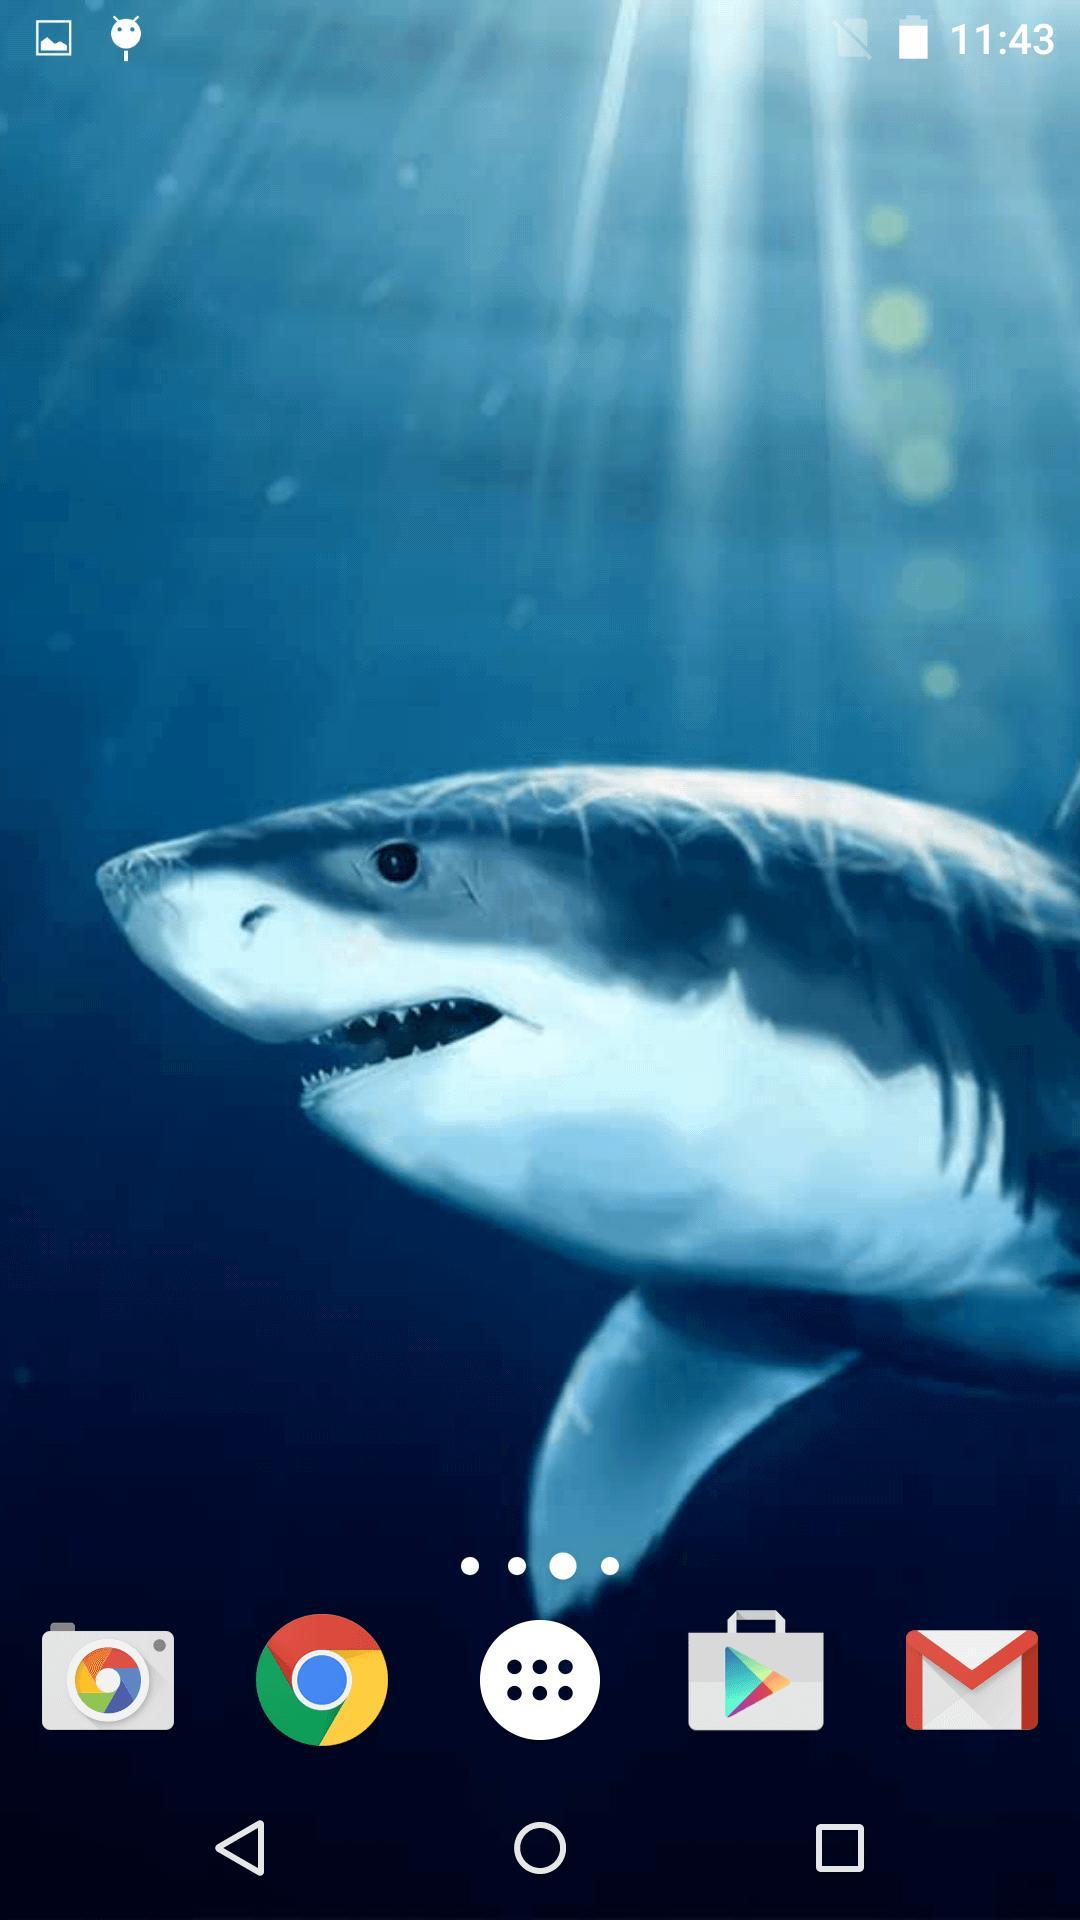 Android 用の サメ ライブ壁紙 Apk をダウンロード